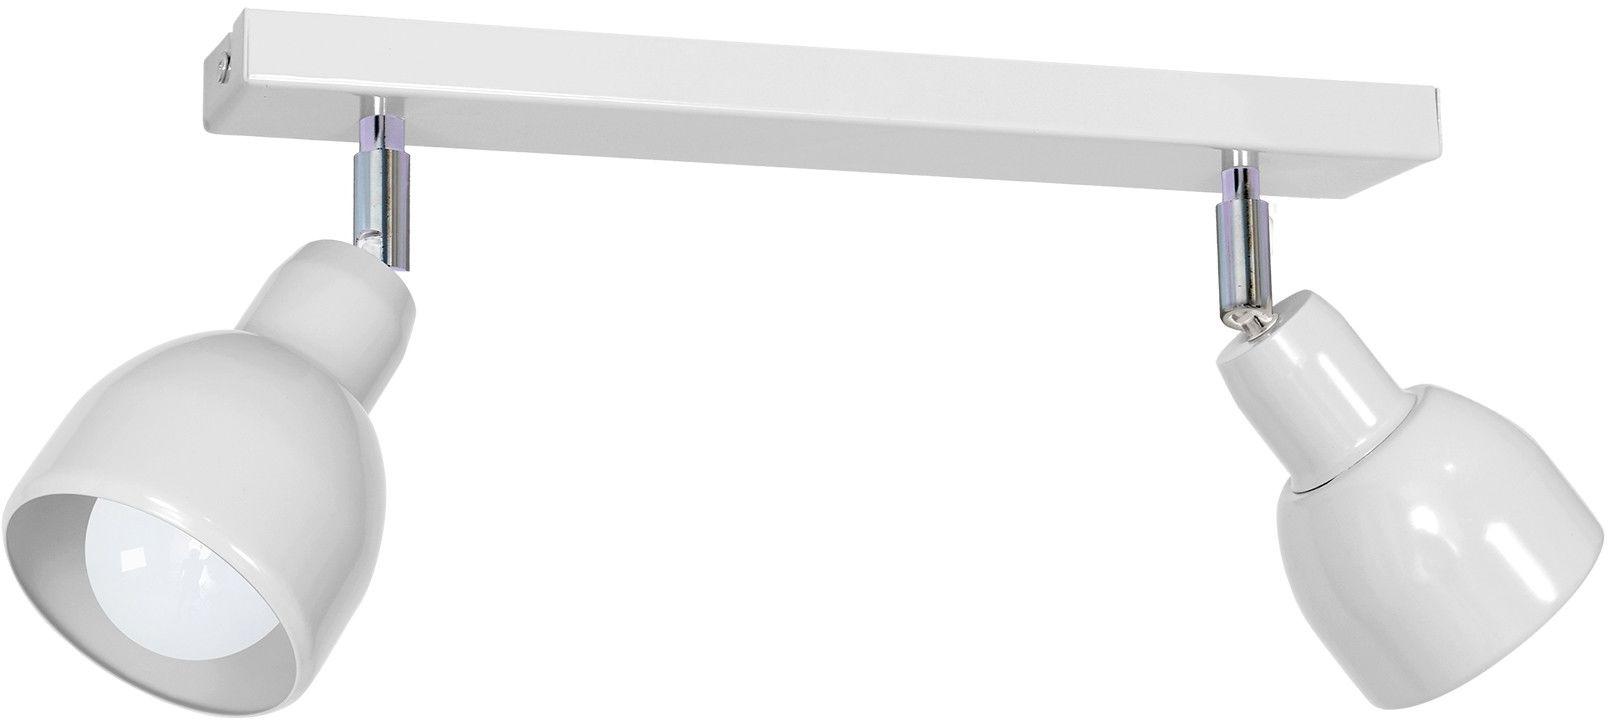 Lampa sufitowa Pik 2 Biały MLP9680 - Milagro // Rabaty w koszyku i darmowa dostawa od 299zł !